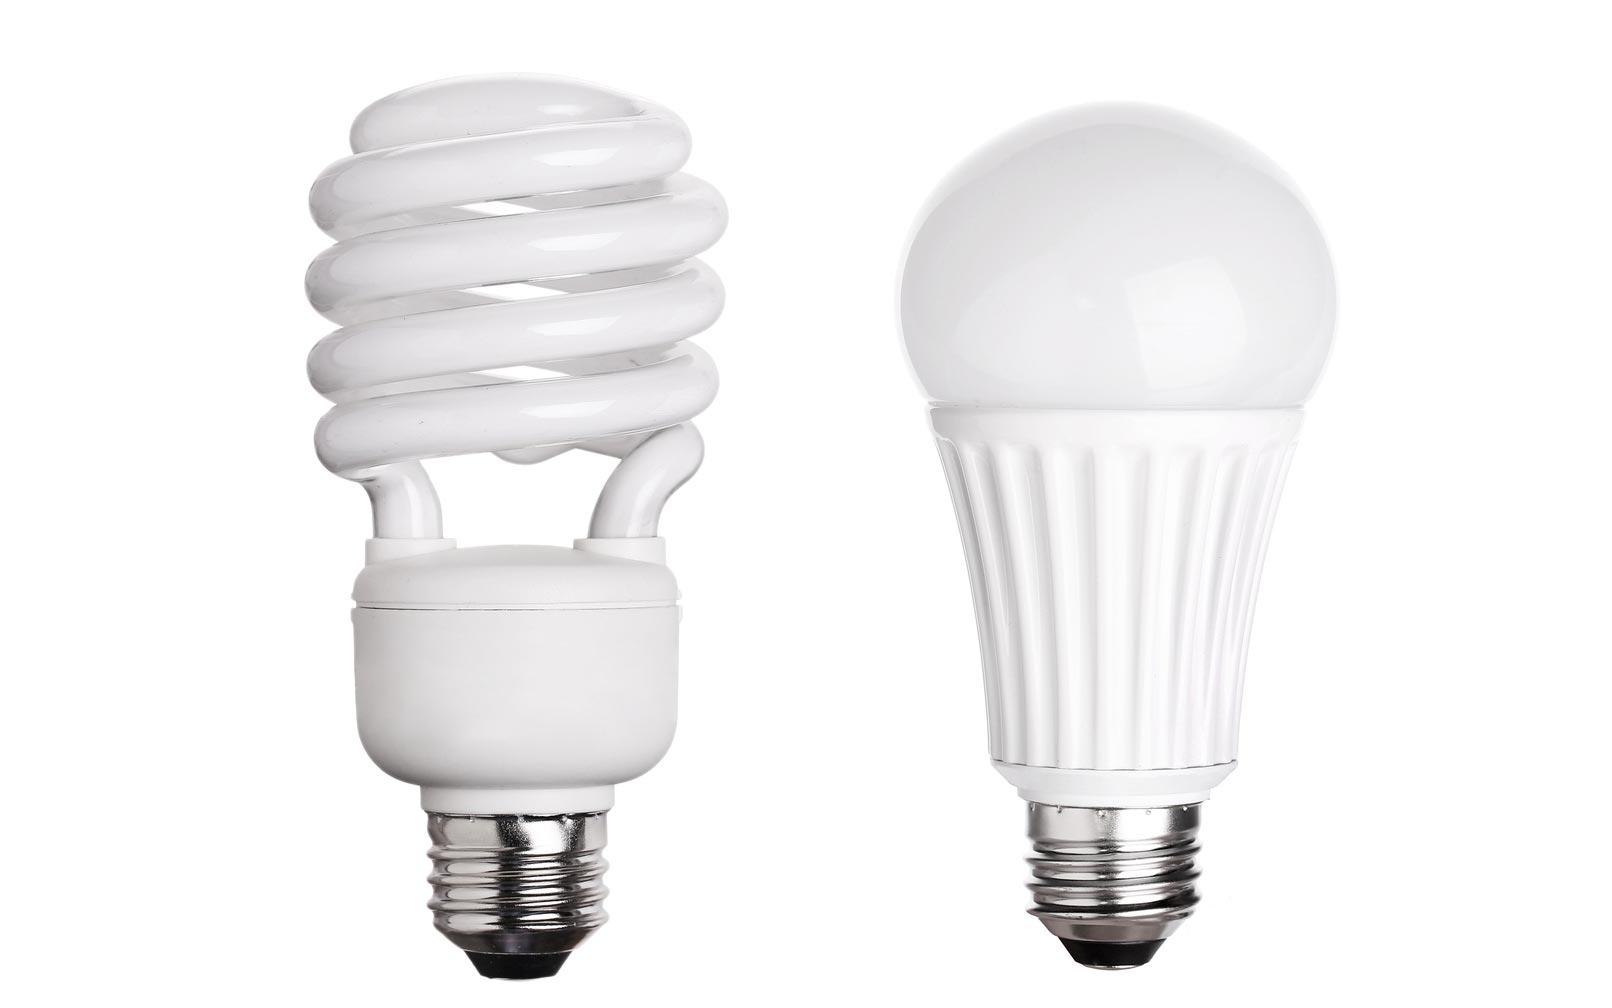 LED照明技术可使星际旅行者自己栽培粮食